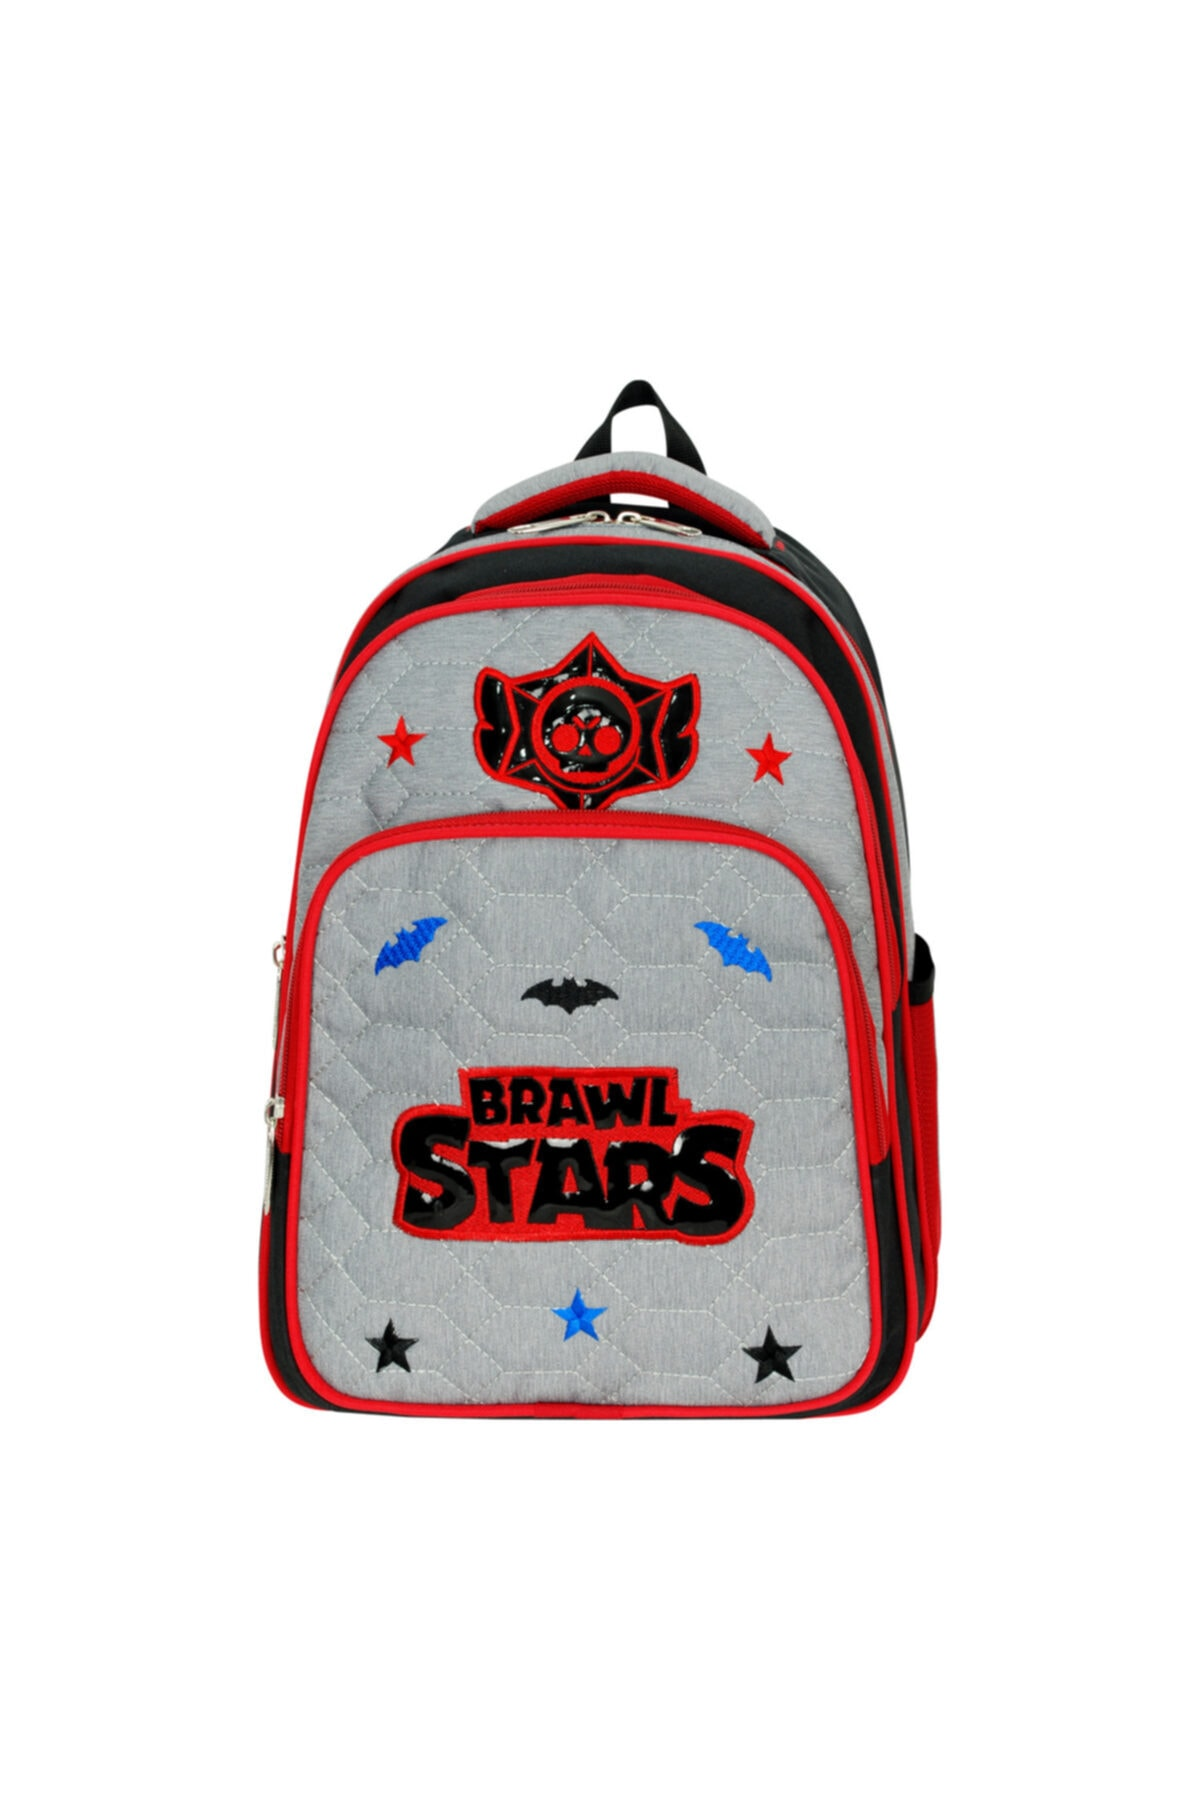 MASTER PACK Roxy Brawl Stars Ilkokul Beslenmeli Insan Sağlığına Uygun Su Geçirmez Okul Çantası 1